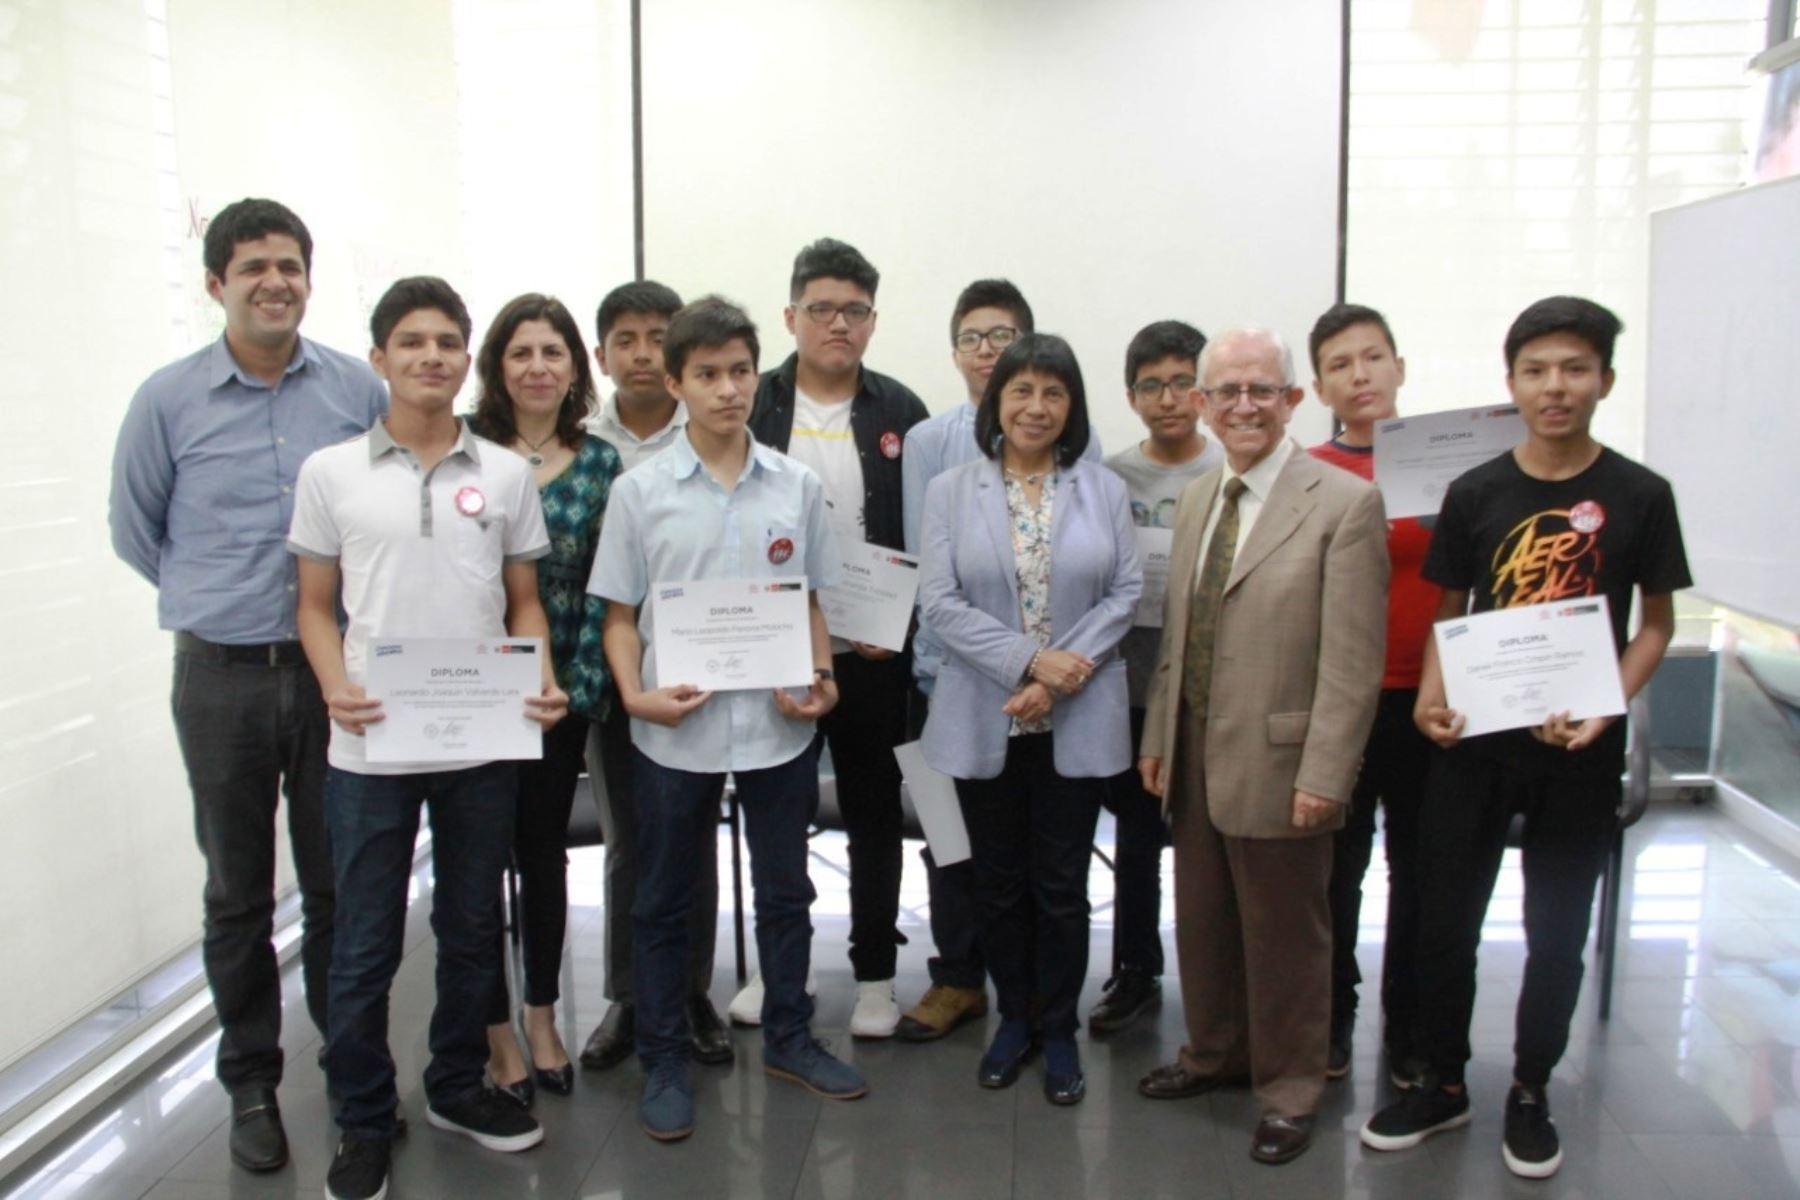 Escolares peruanos ganan medallas en olimpiada internacional de matemática. Foto: ANDINA/Difusión.